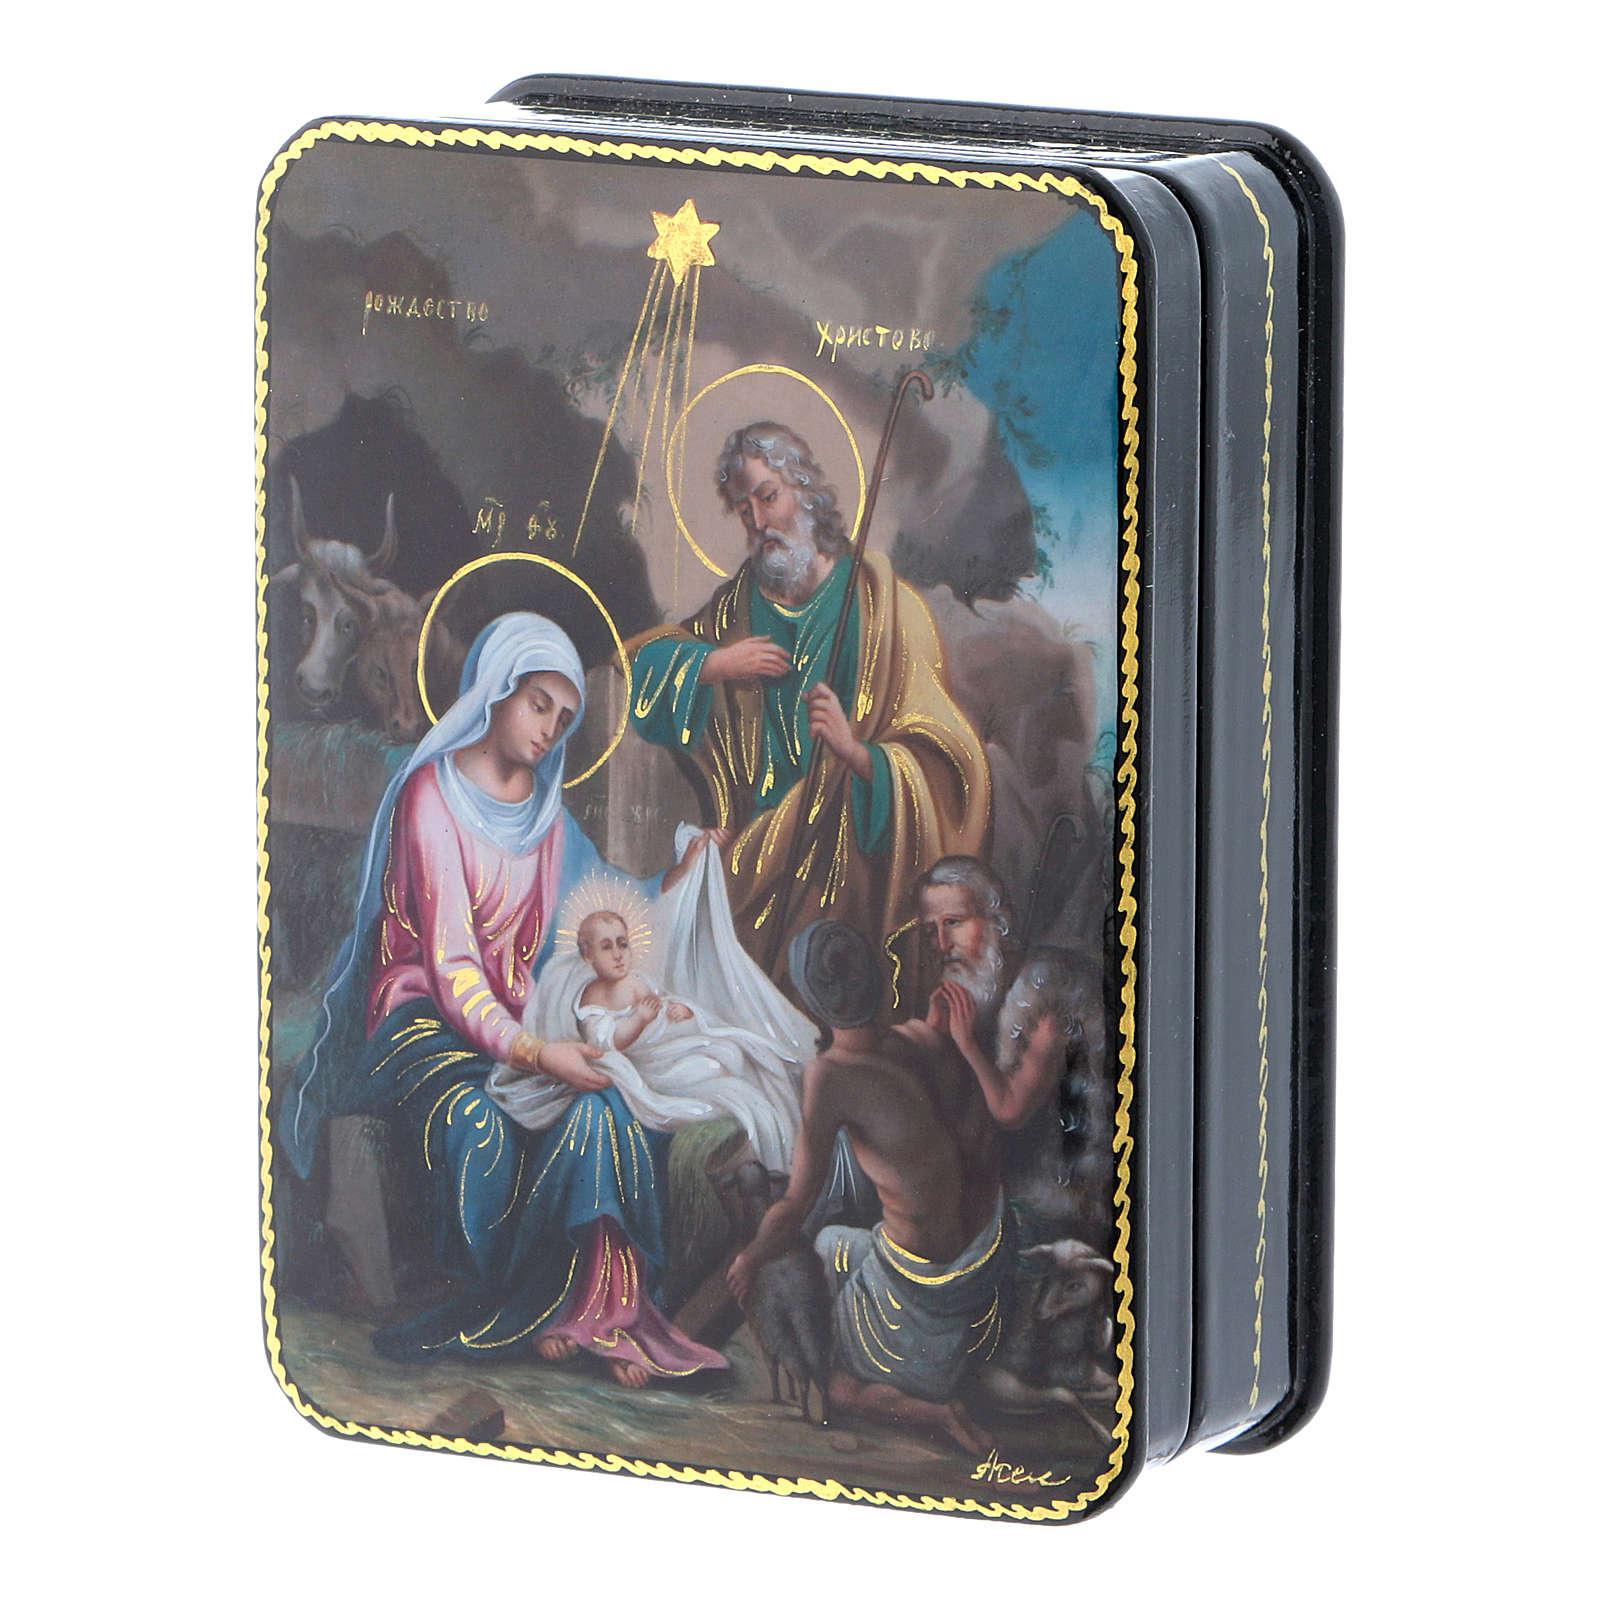 Lacca russa Papier-mâché riproduzione Nascita Cristo Fedoskino style 11x8 4